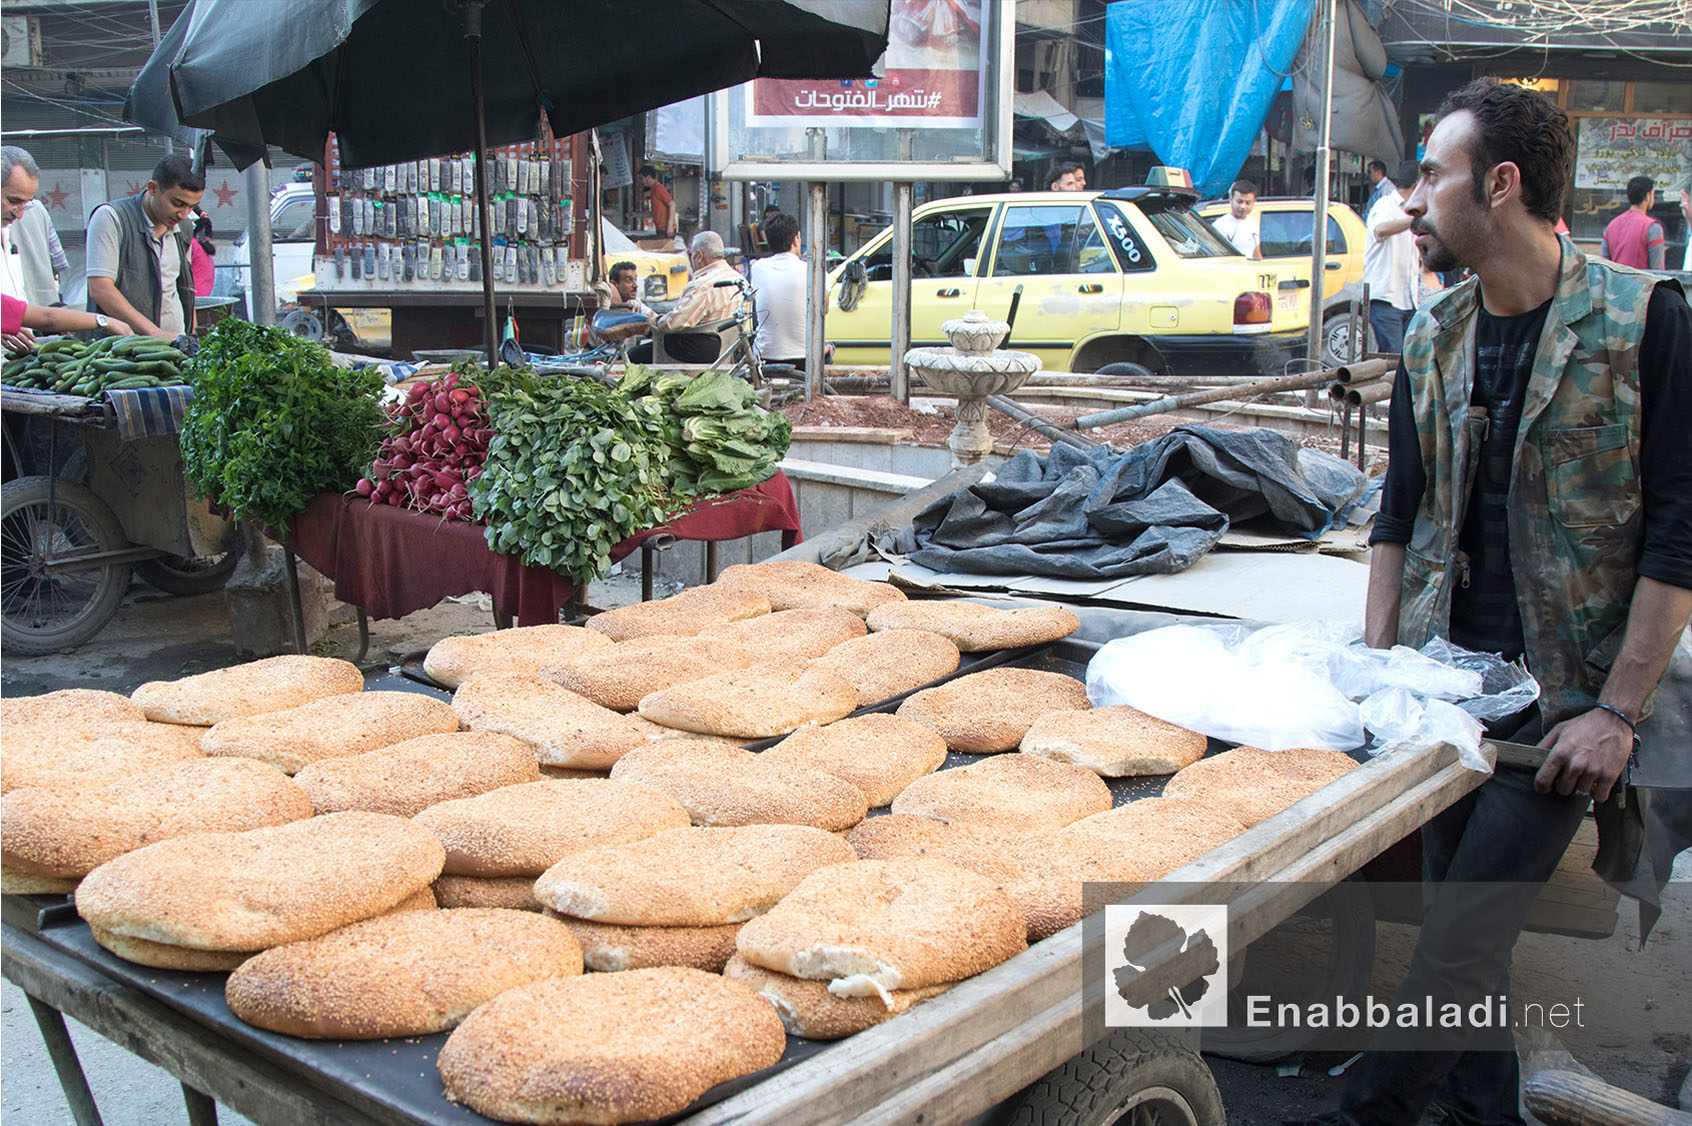 عربة معروك في أحد أسواق مدينة حلب في رمضان - 13 حزيران 2016 - (عنب بلدي)